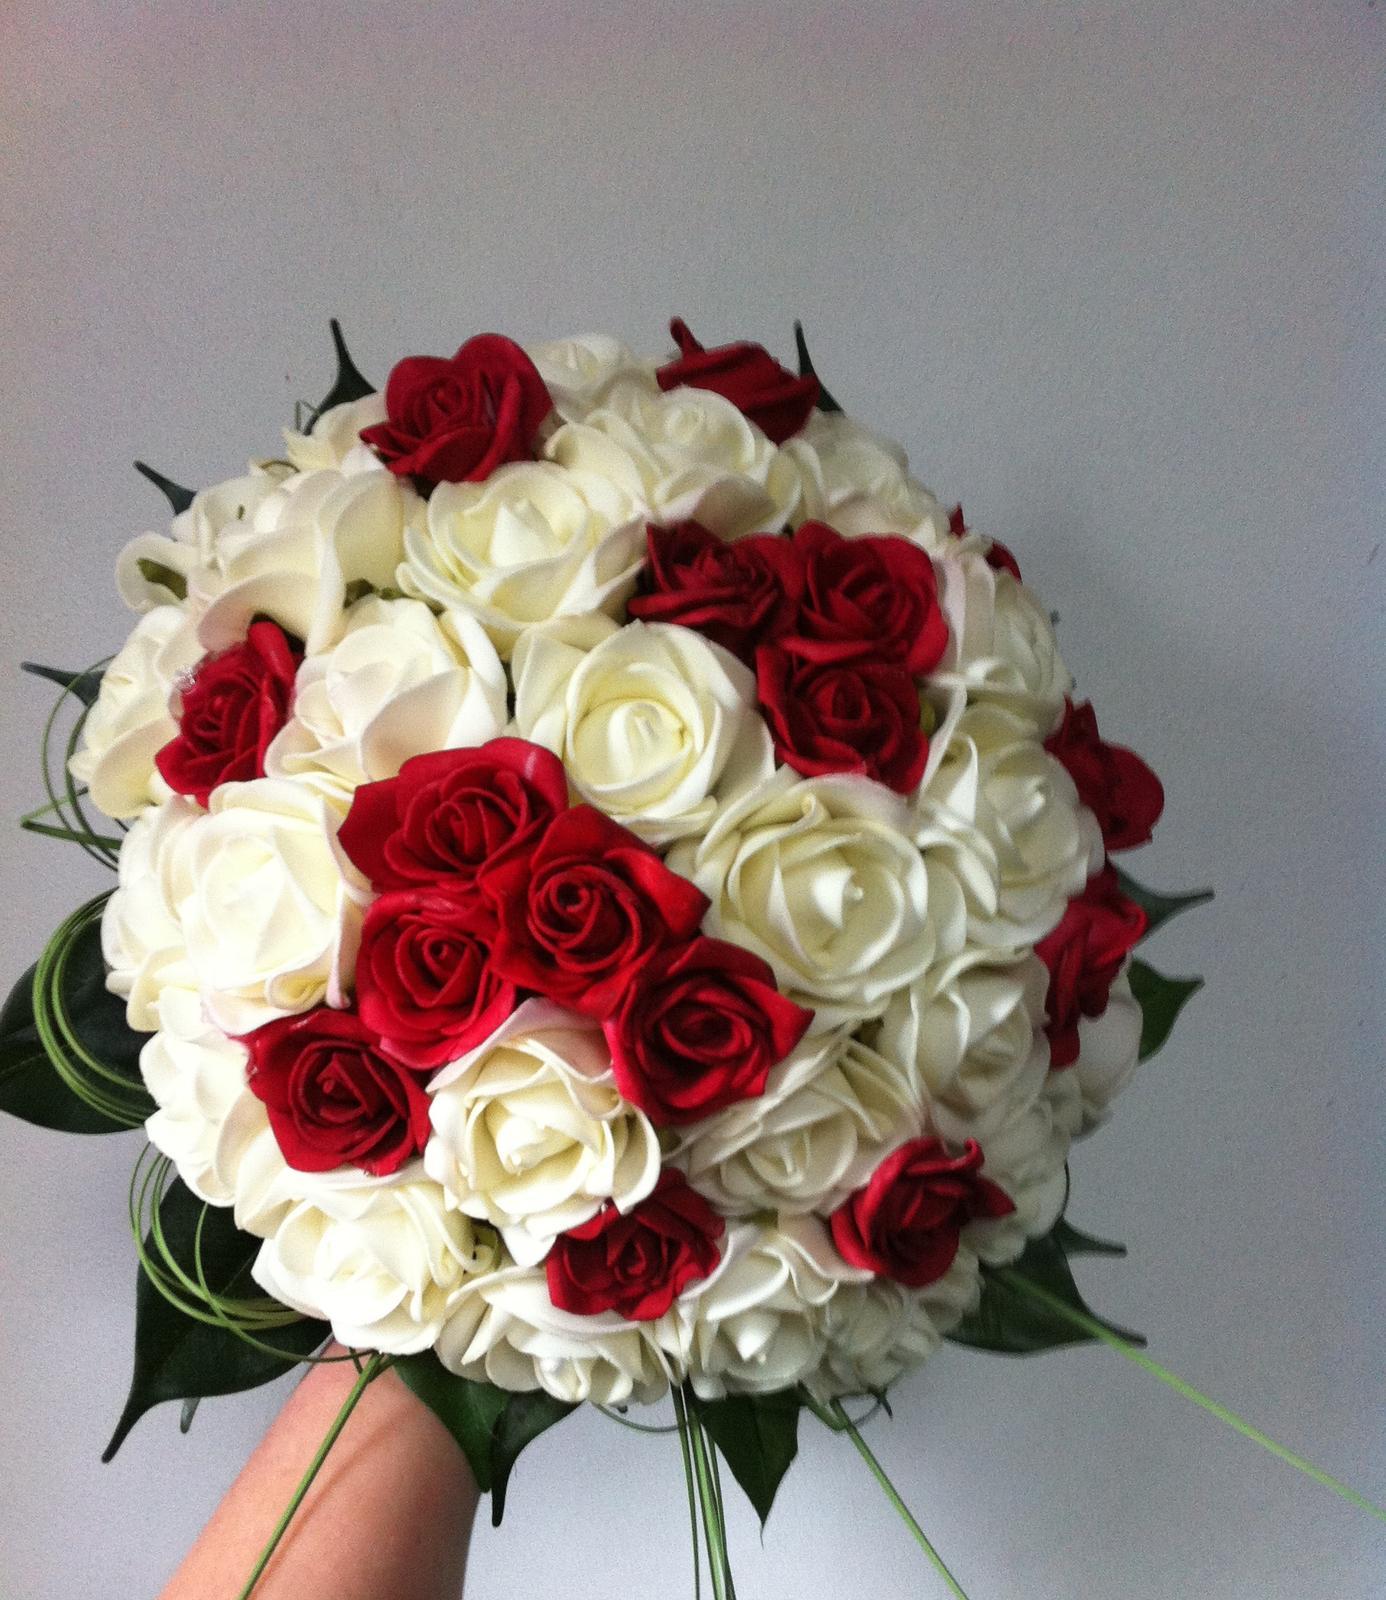 Svatební kytice z umělých květin - krémovo-rudá - Obrázek č. 1